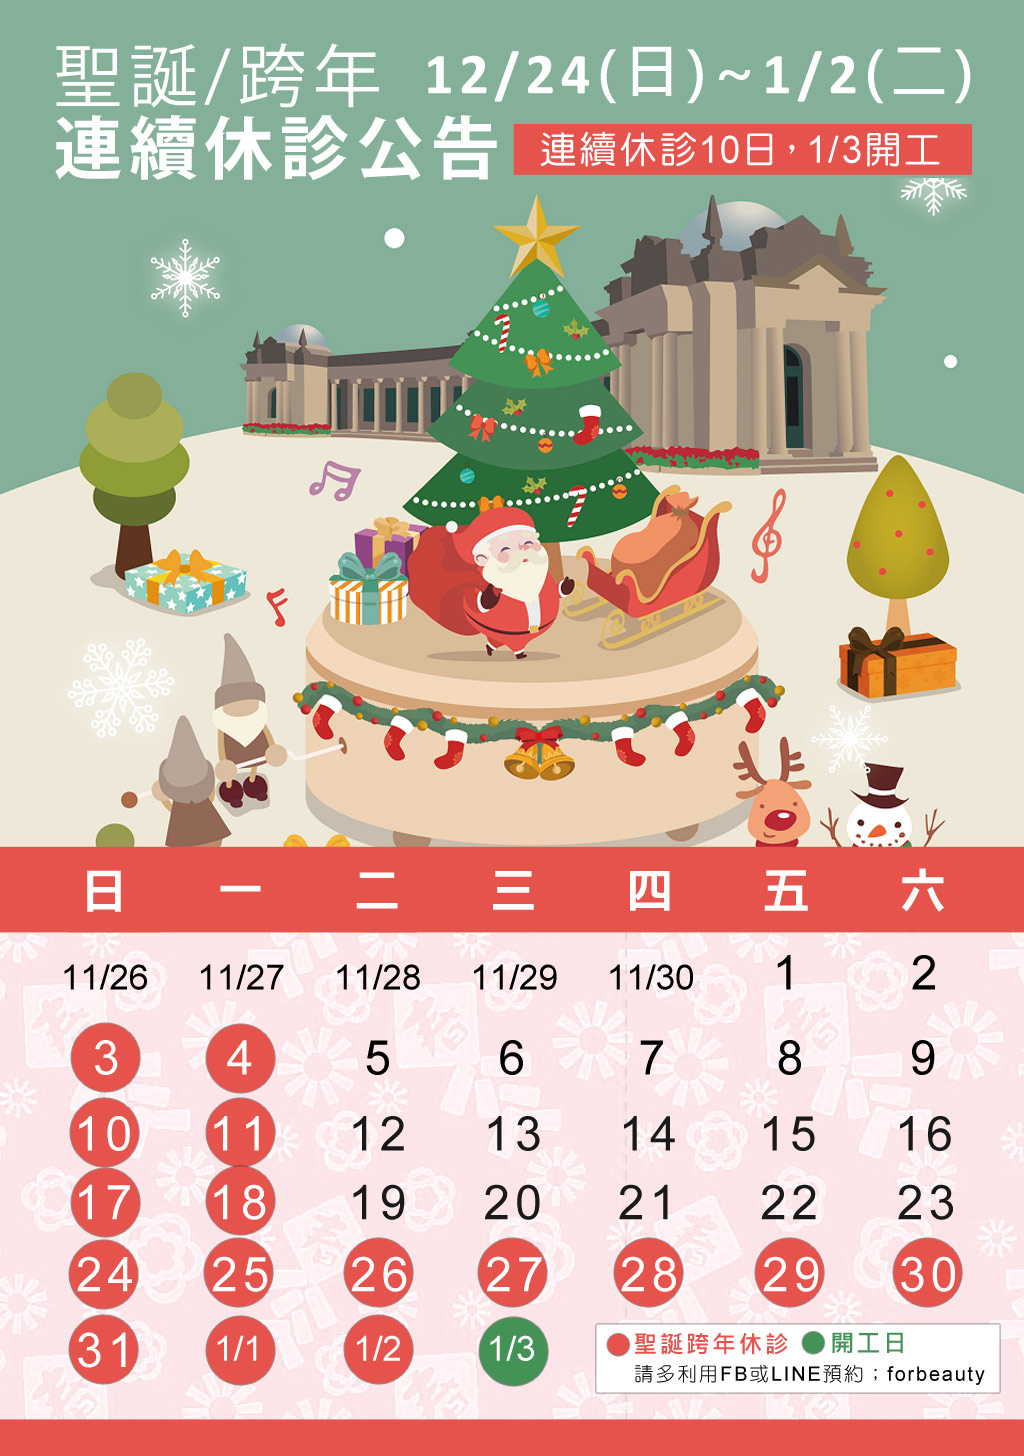 2017聖誕跨年休診時間